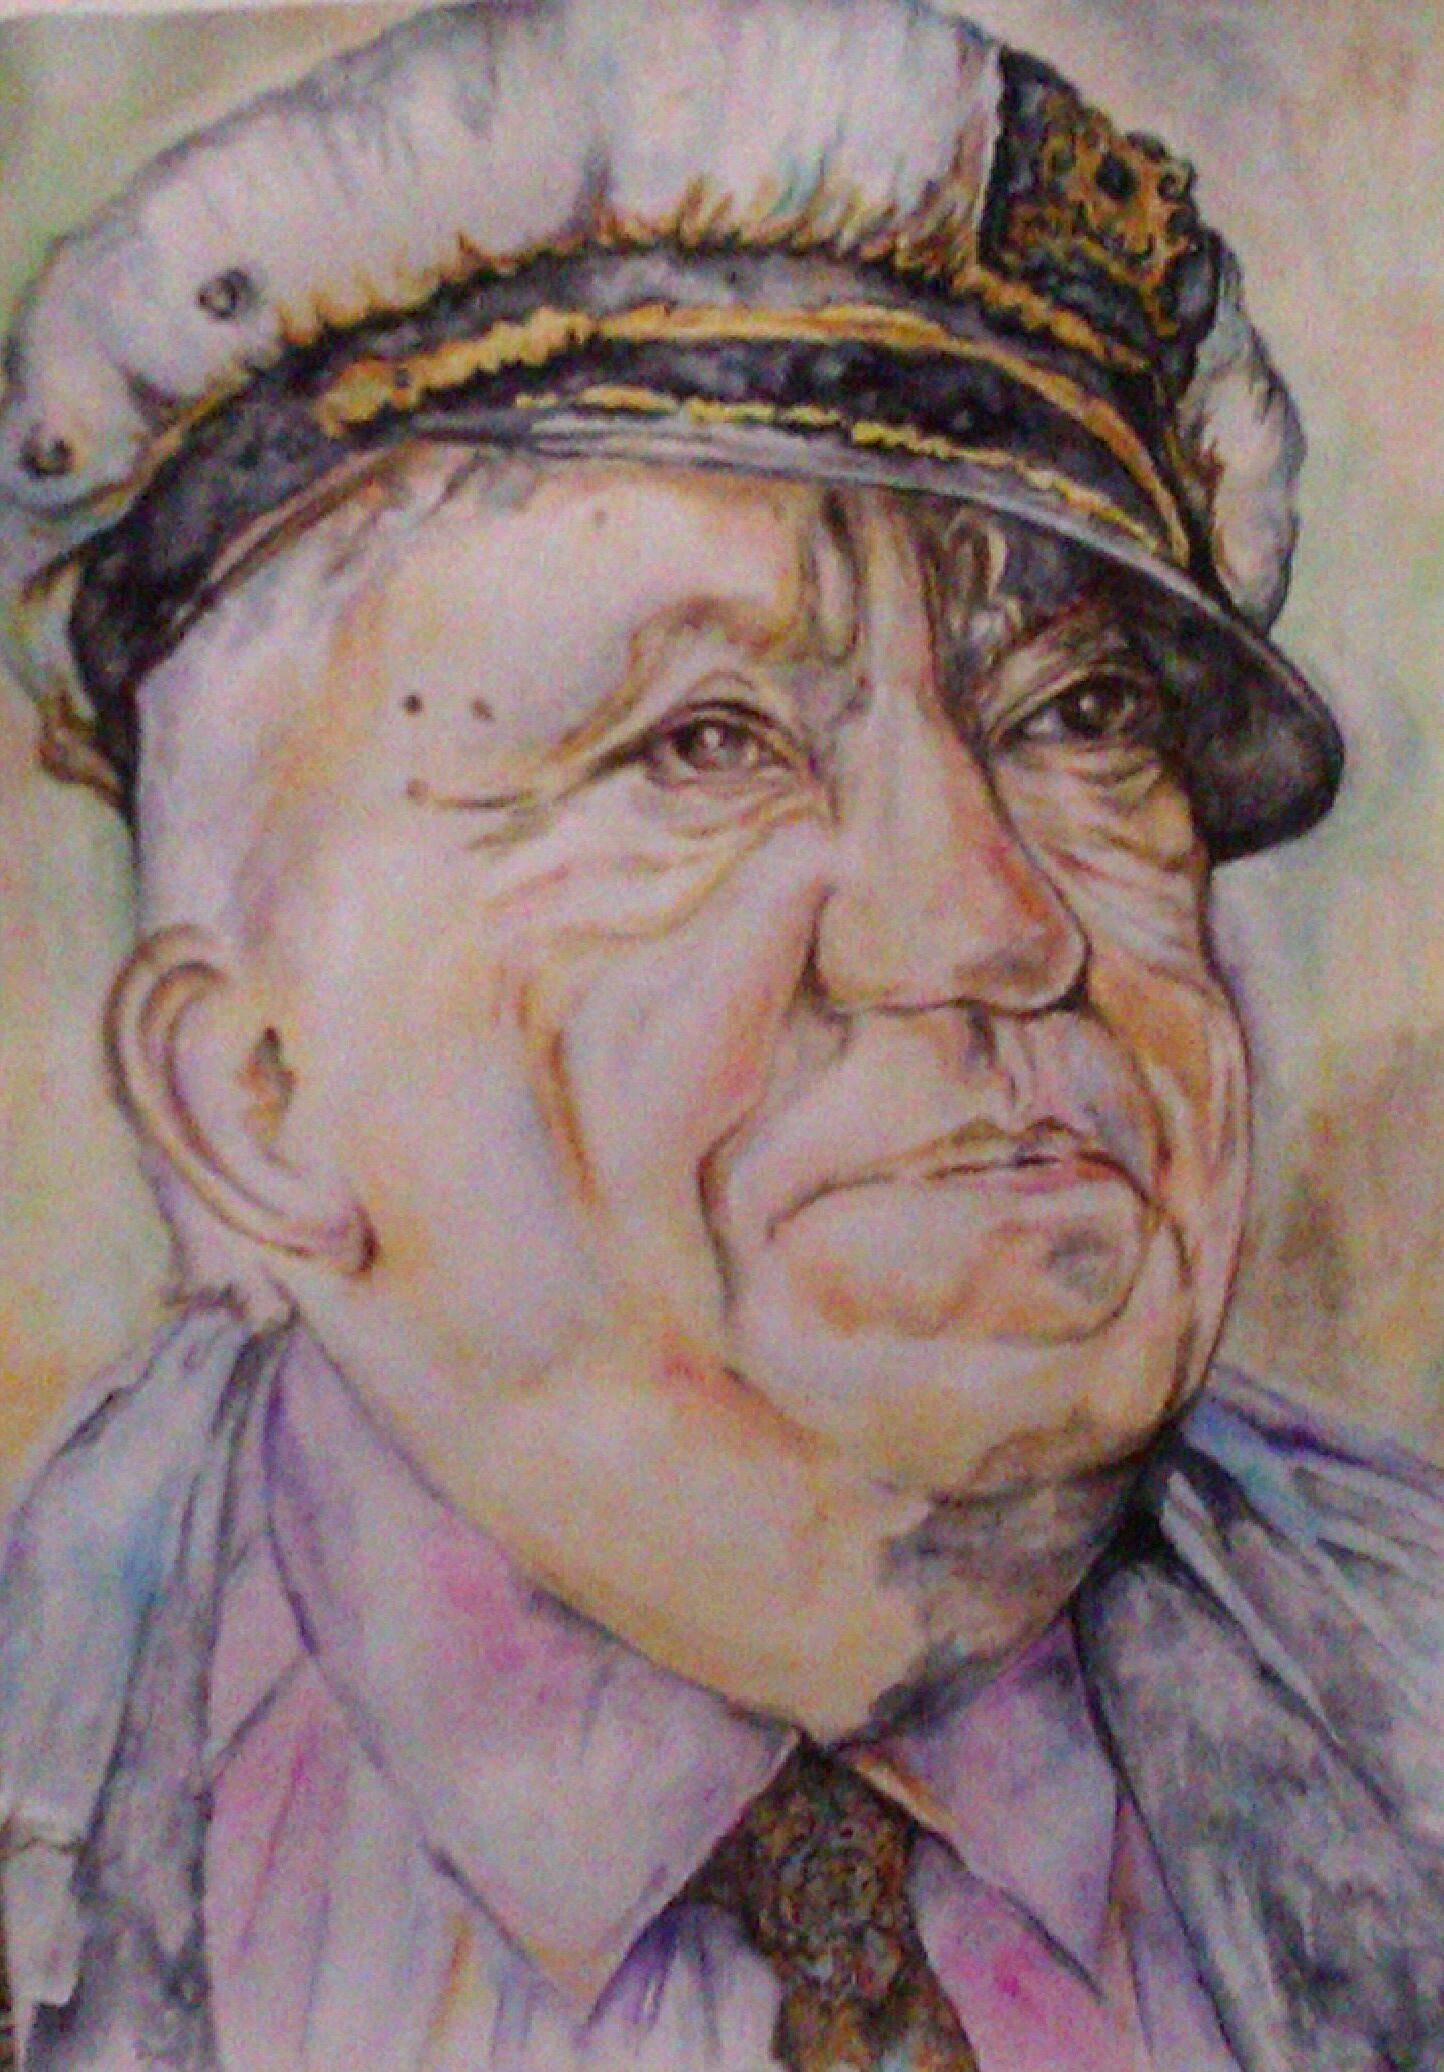 Портрет артиста, акварель. бумага, 40*30, 2012 год